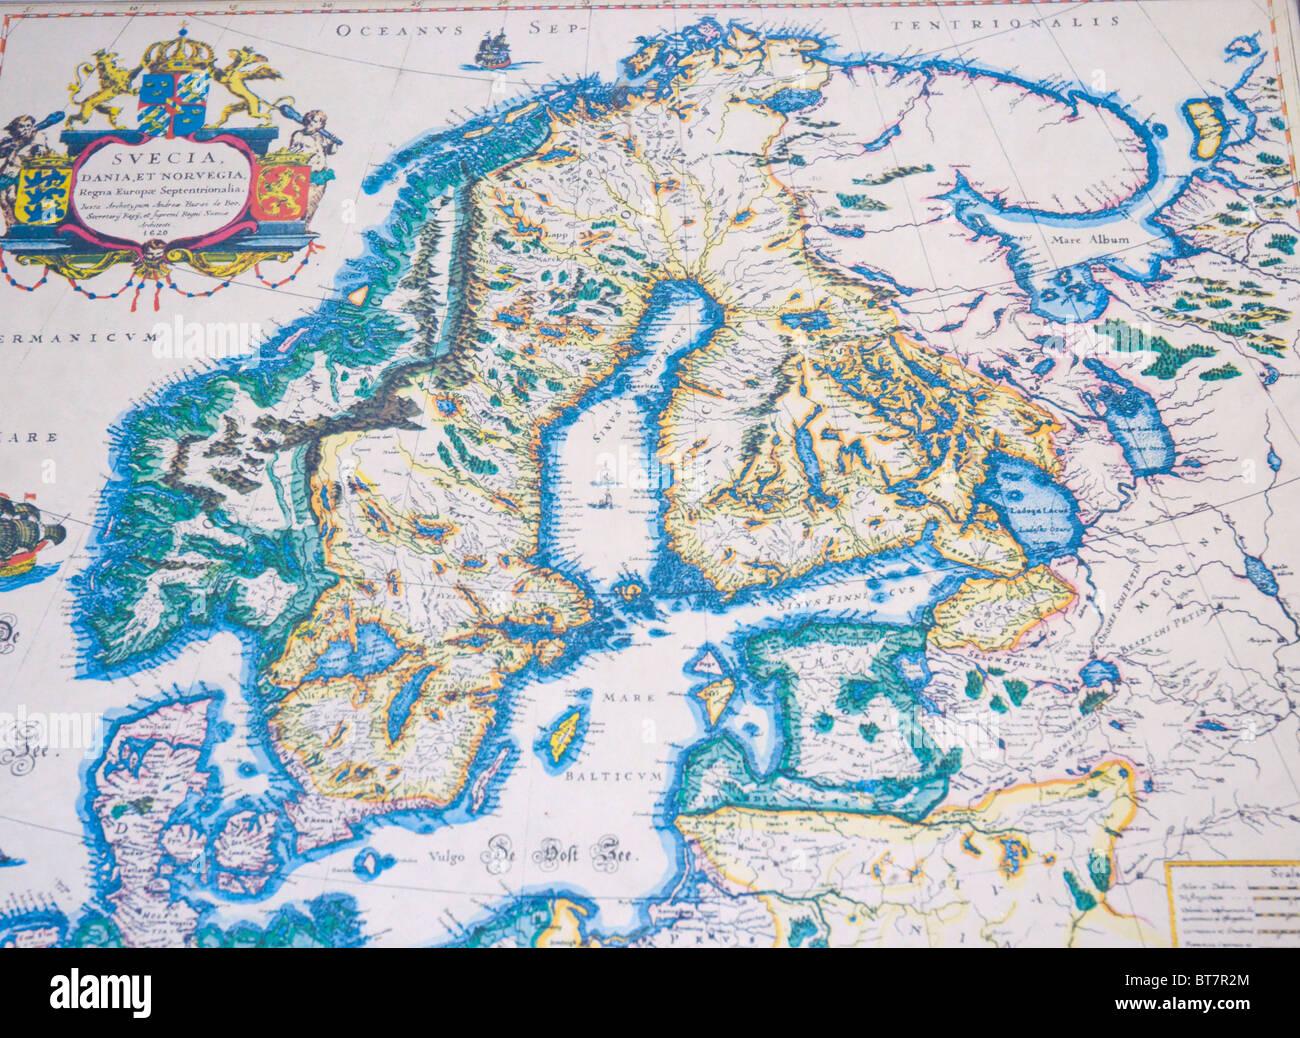 Karte Skandinavien.Karte Von Skandinavien Stockfotos Karte Von Skandinavien Bilder